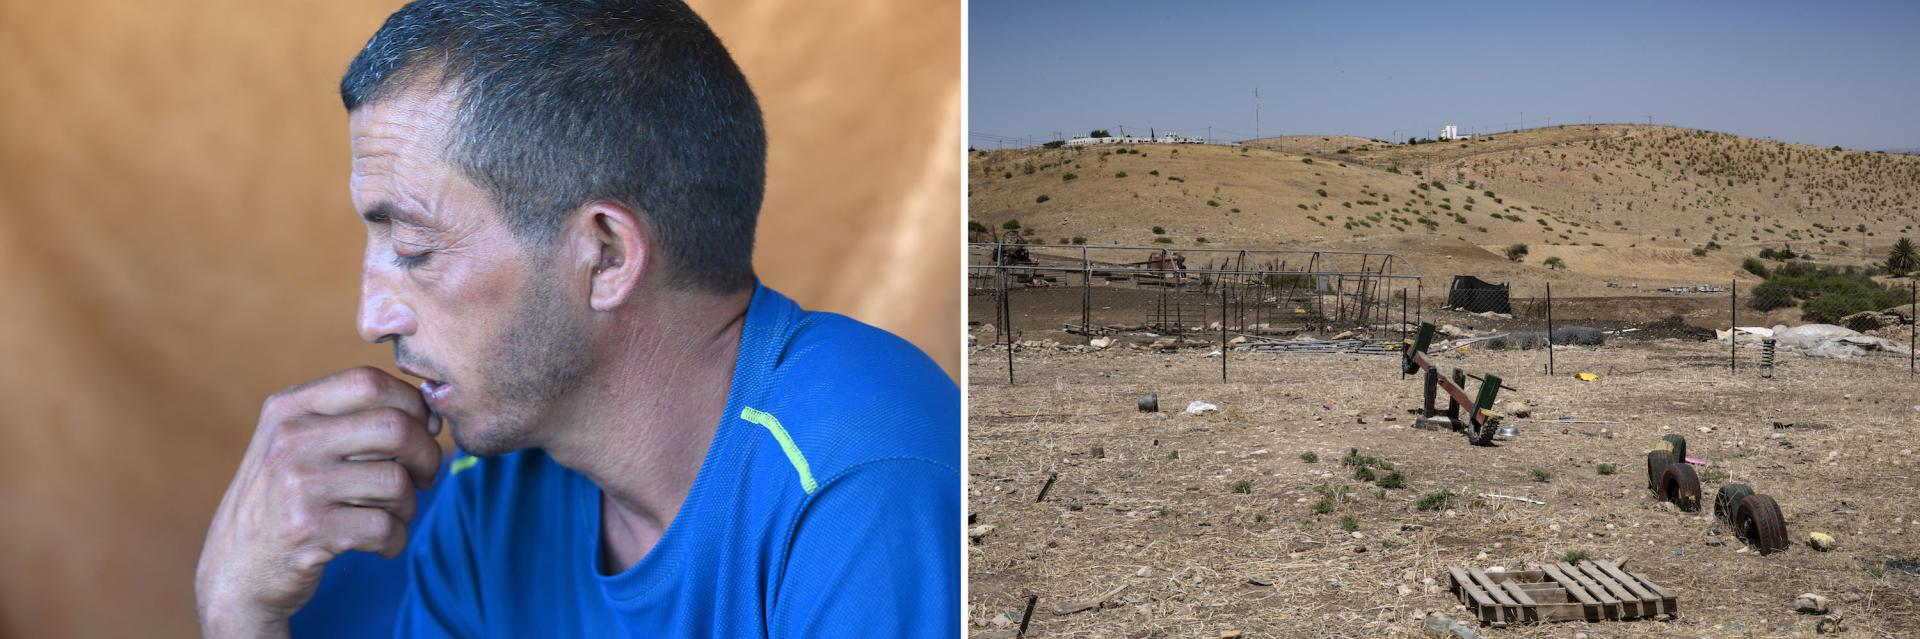 Ibrahim Najada, berger, dans lehameau bédouinAl-Maleh, situé au nord de la vallée du Jourdain, le 17 juin.